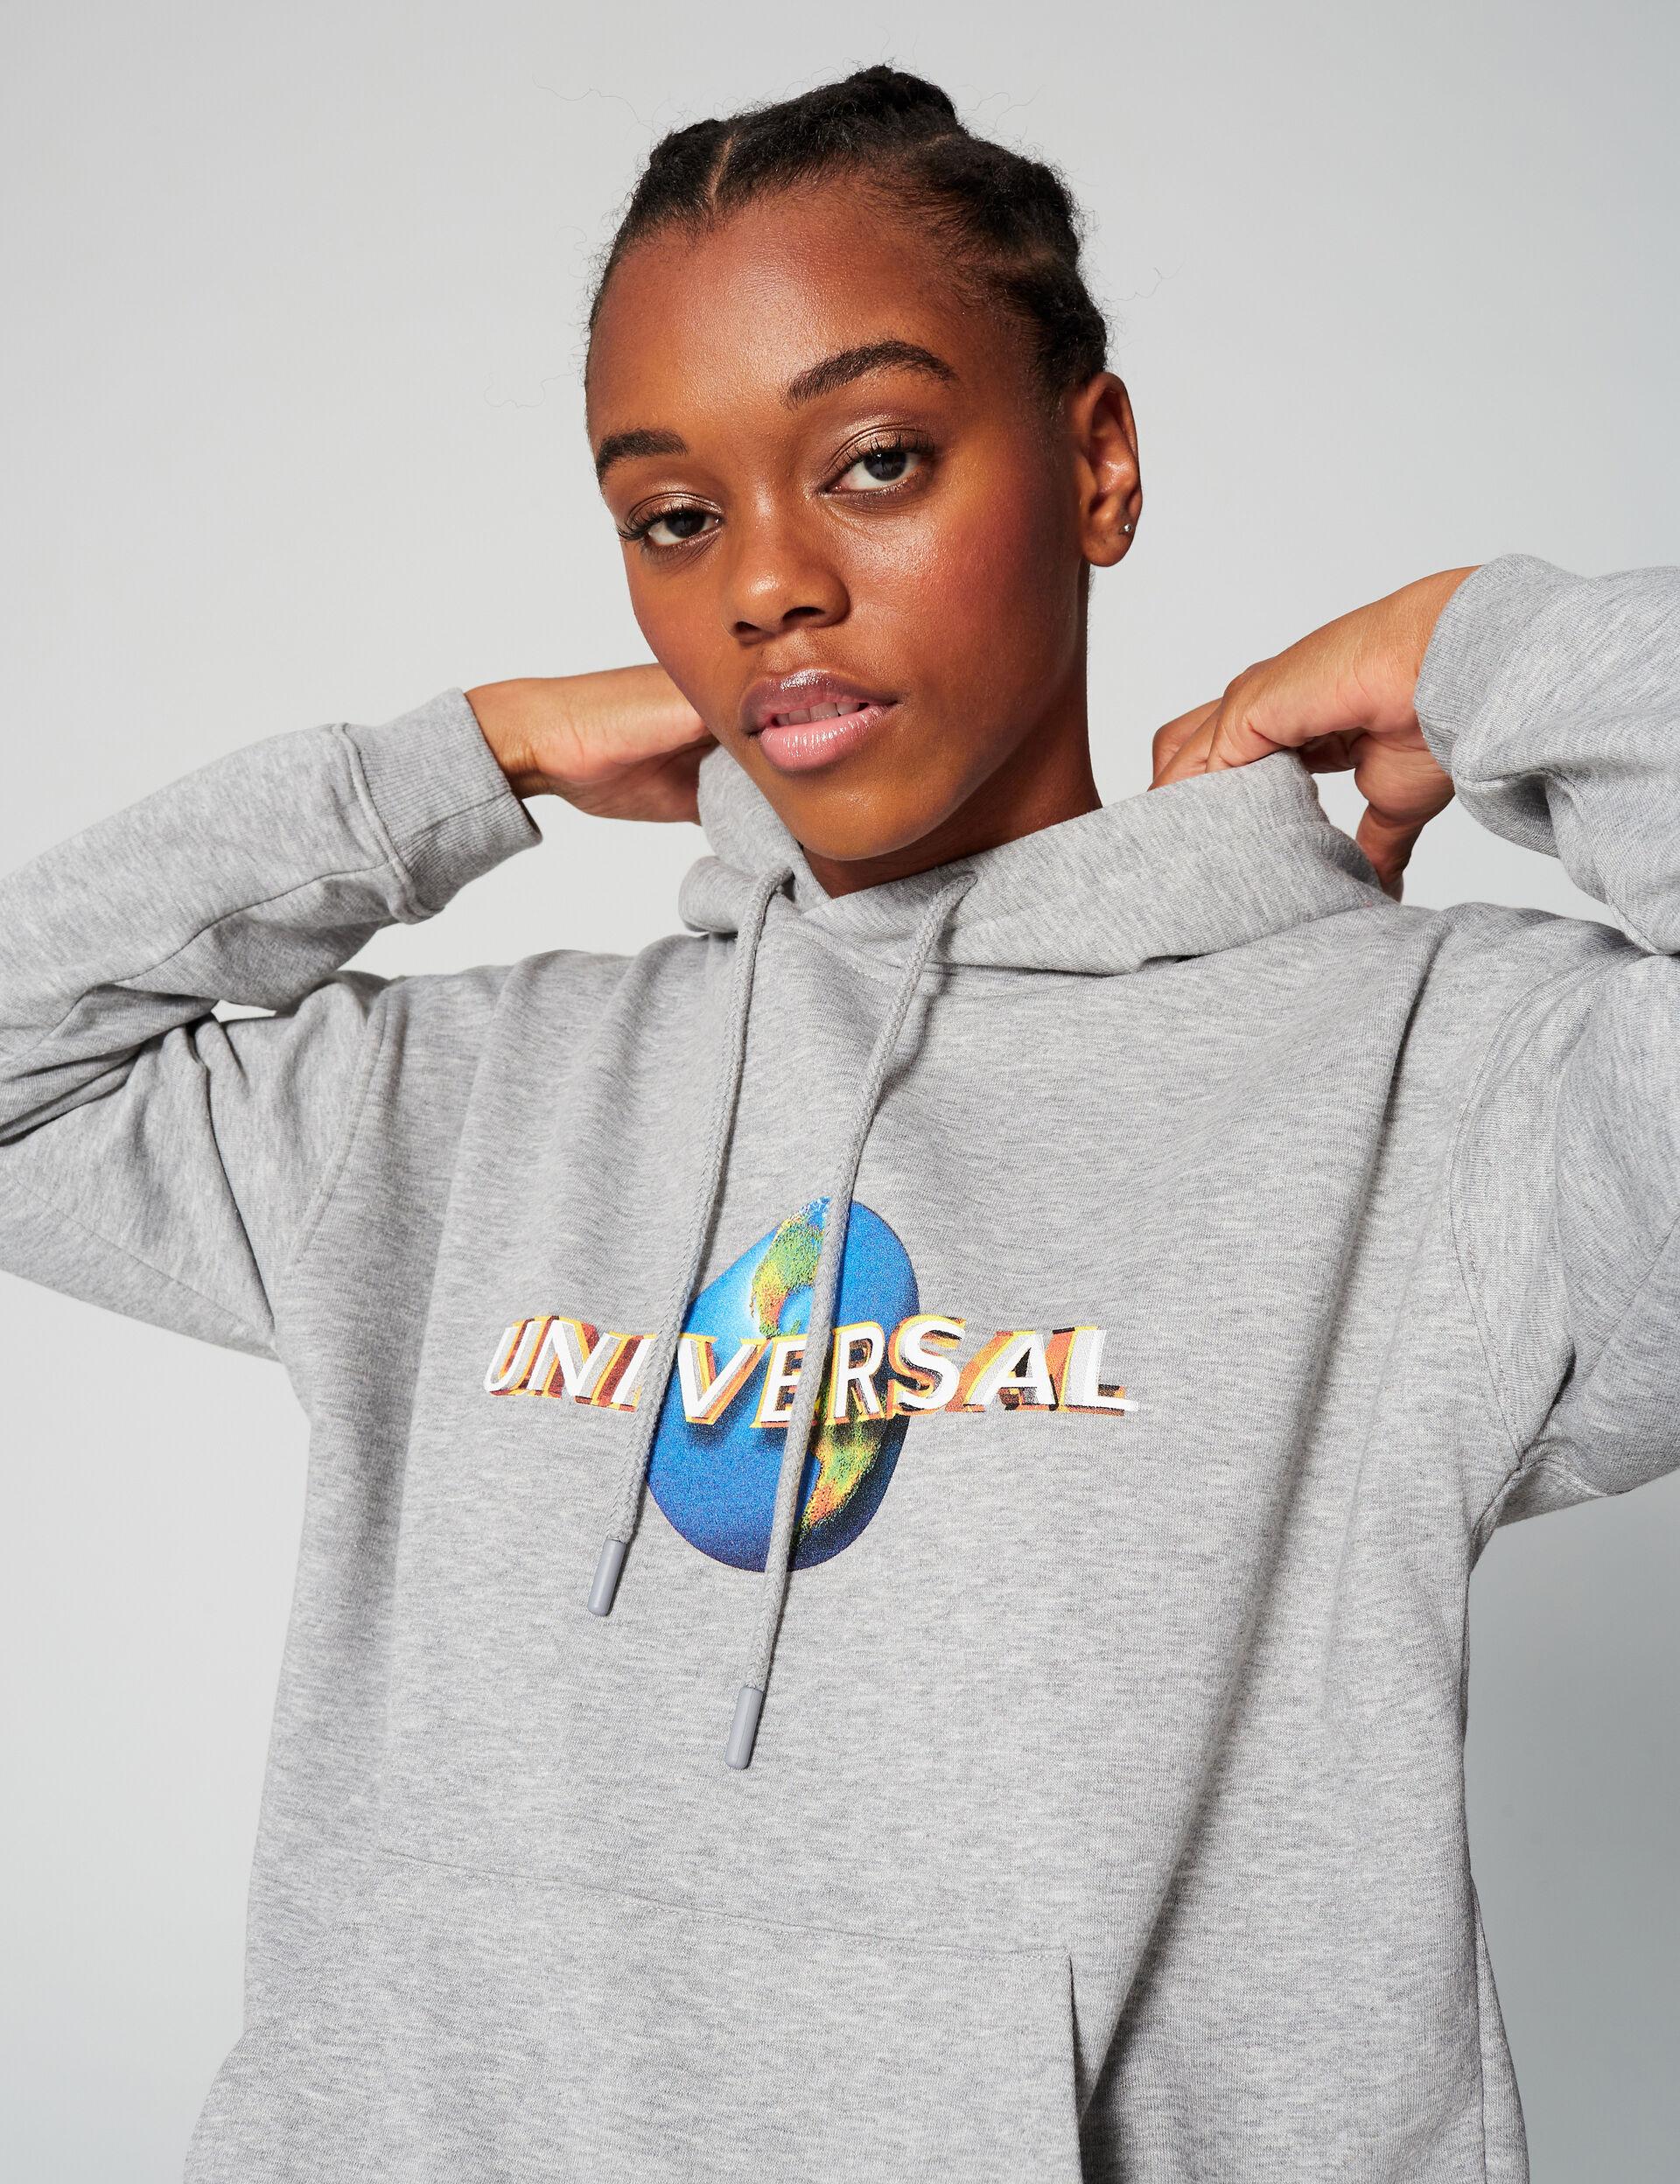 Universal hoodie